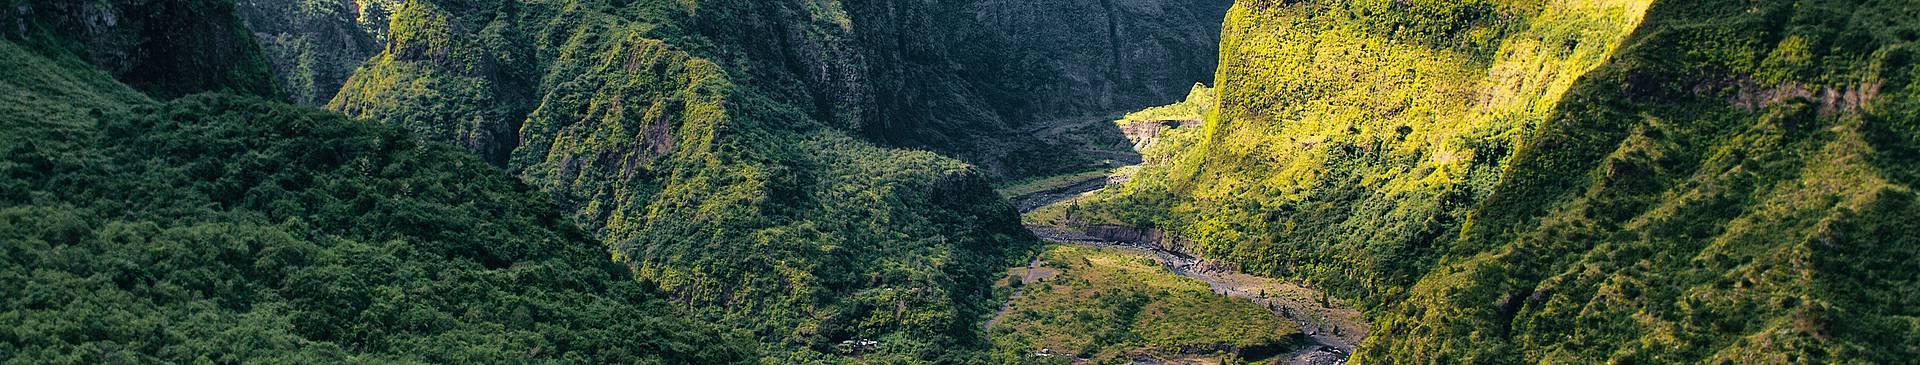 Voyage nature à la Réunion